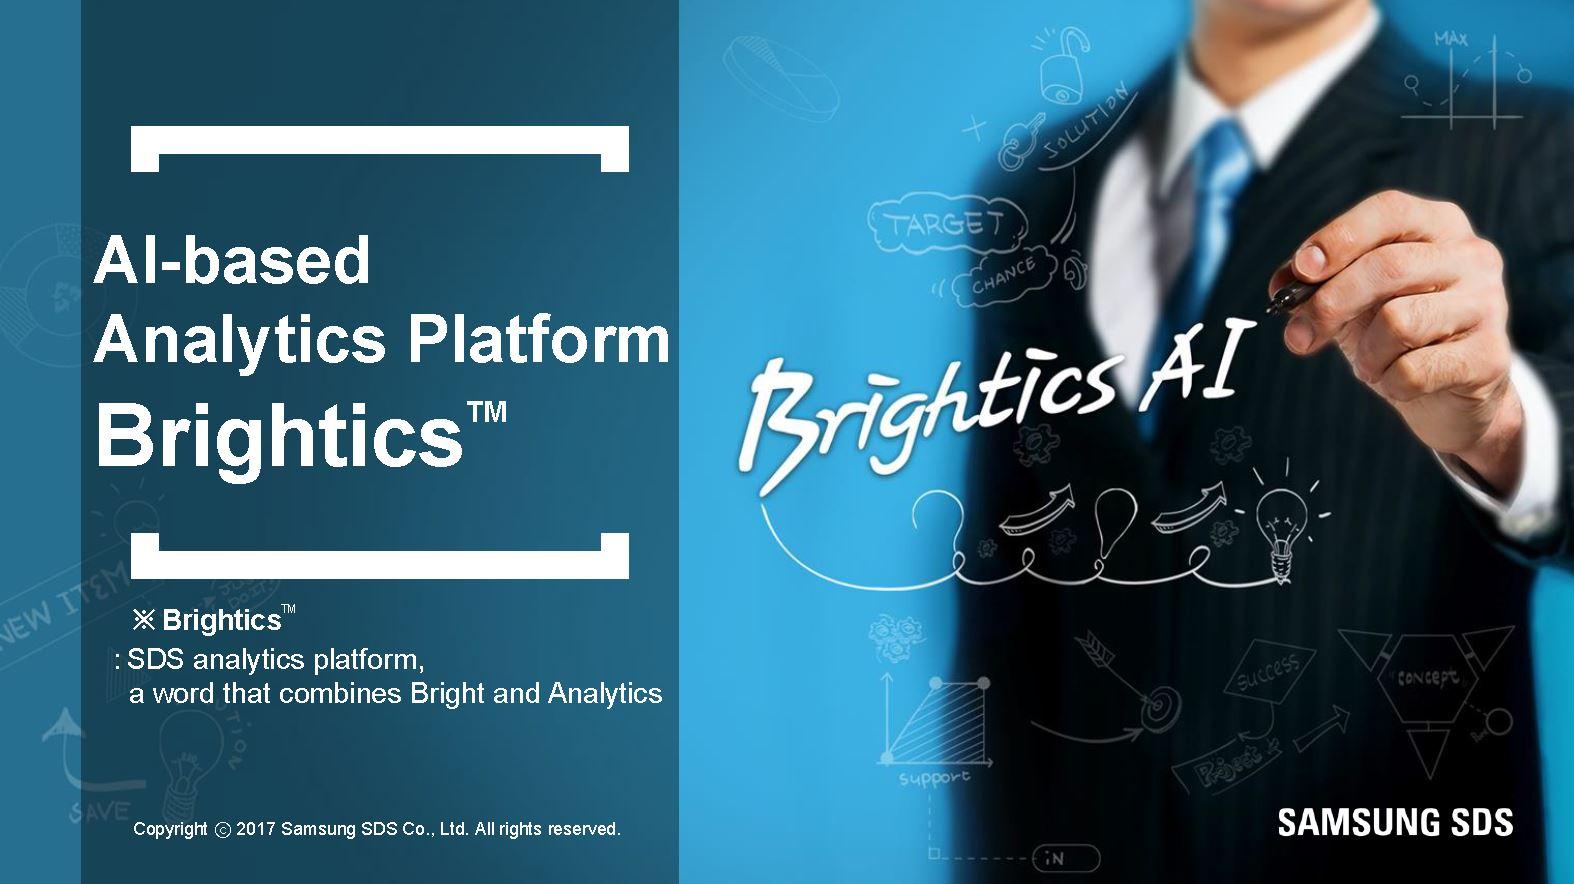 [Brightics][PRESENTATION] Realize análise de dados abrangente com Brightics AI (Perform comprehensive data analysis with Brightics AI)